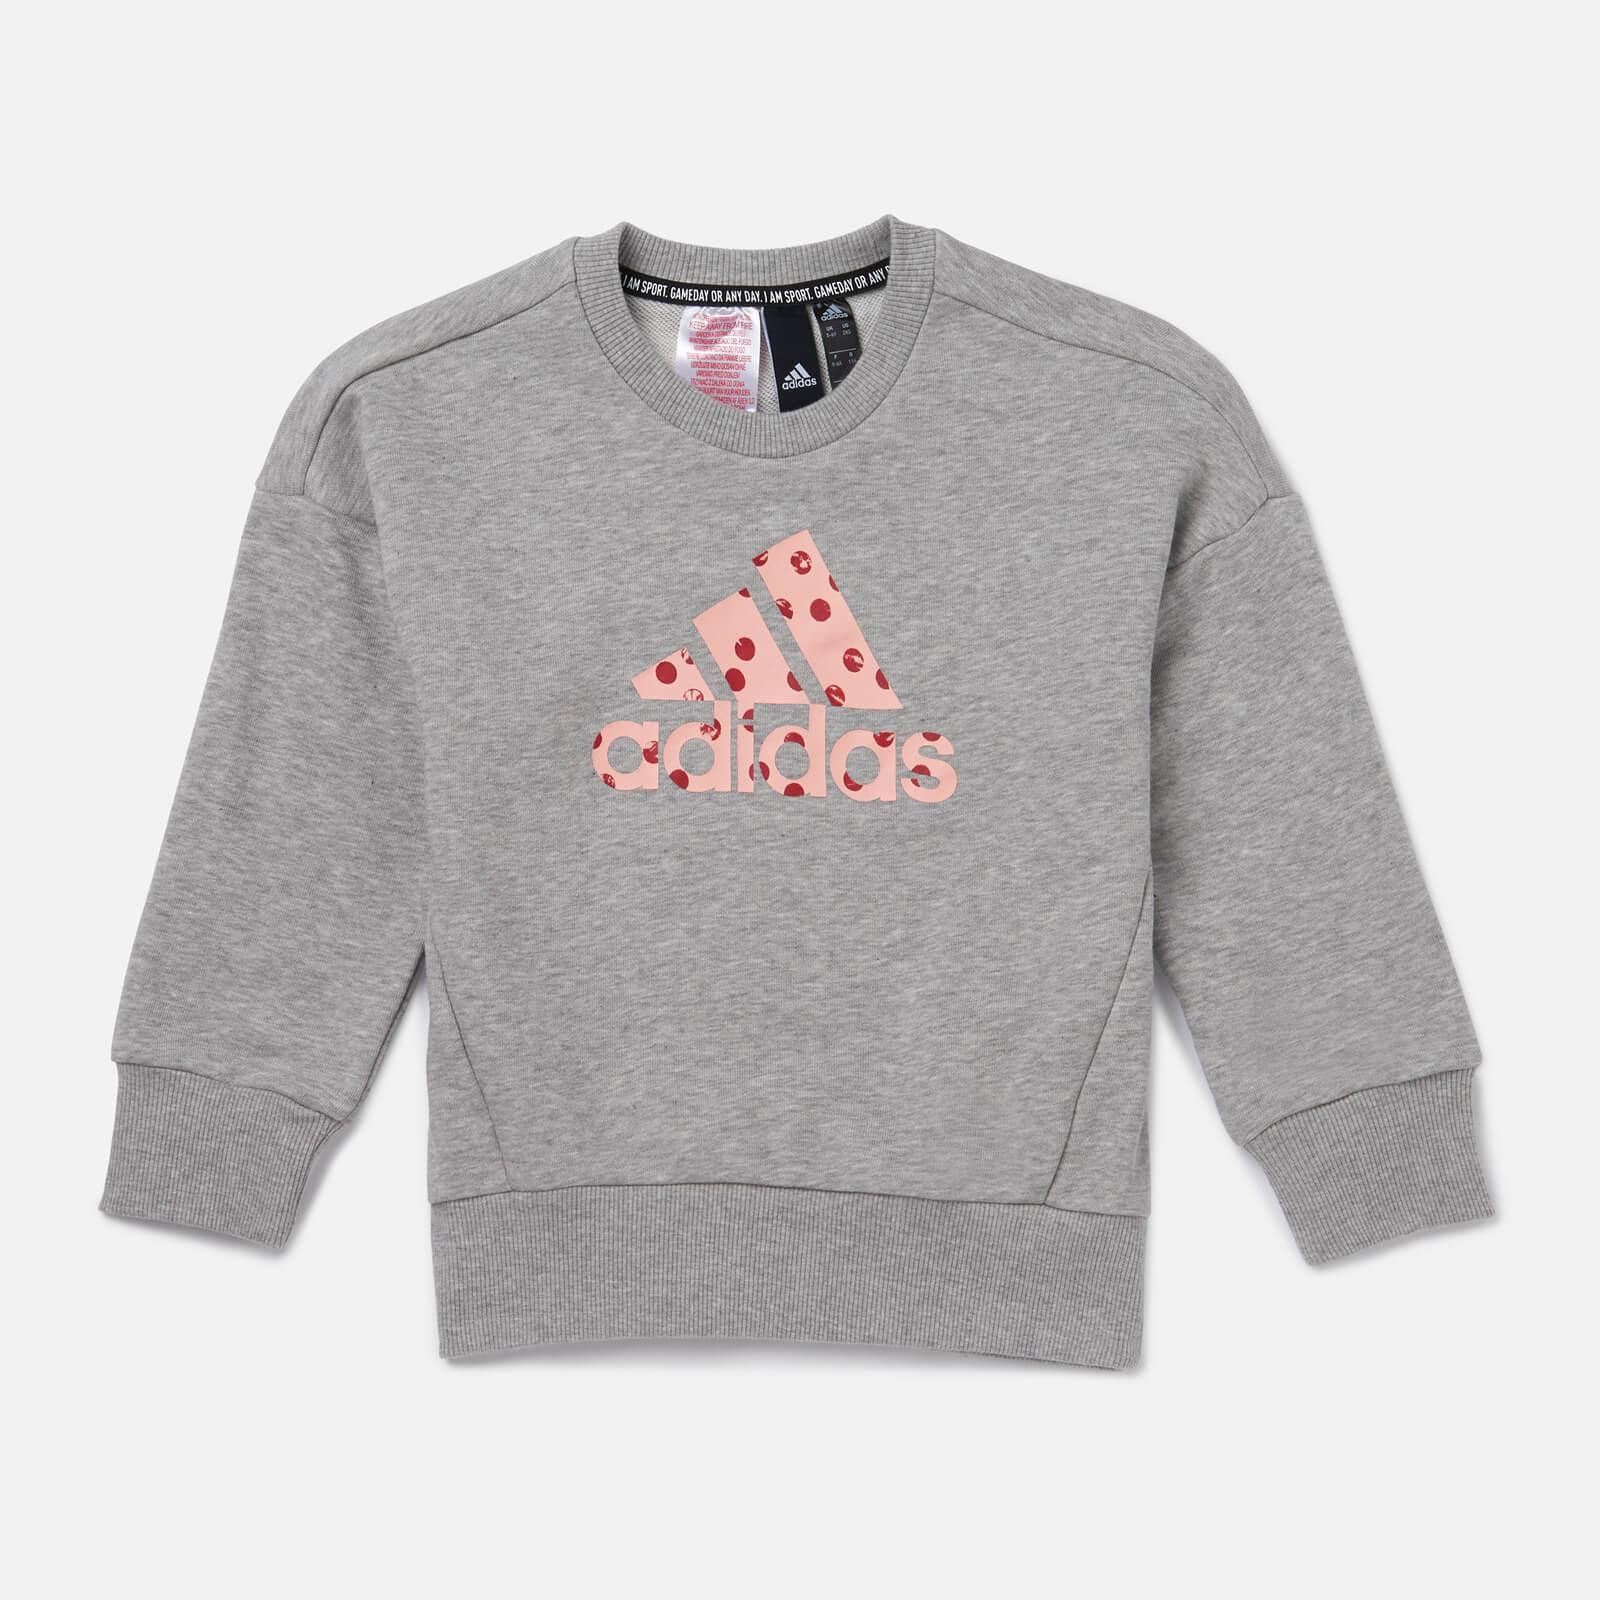 adidas Girls' Young Girls Crew Neck Sweatshirt - Grey - 4-5 years